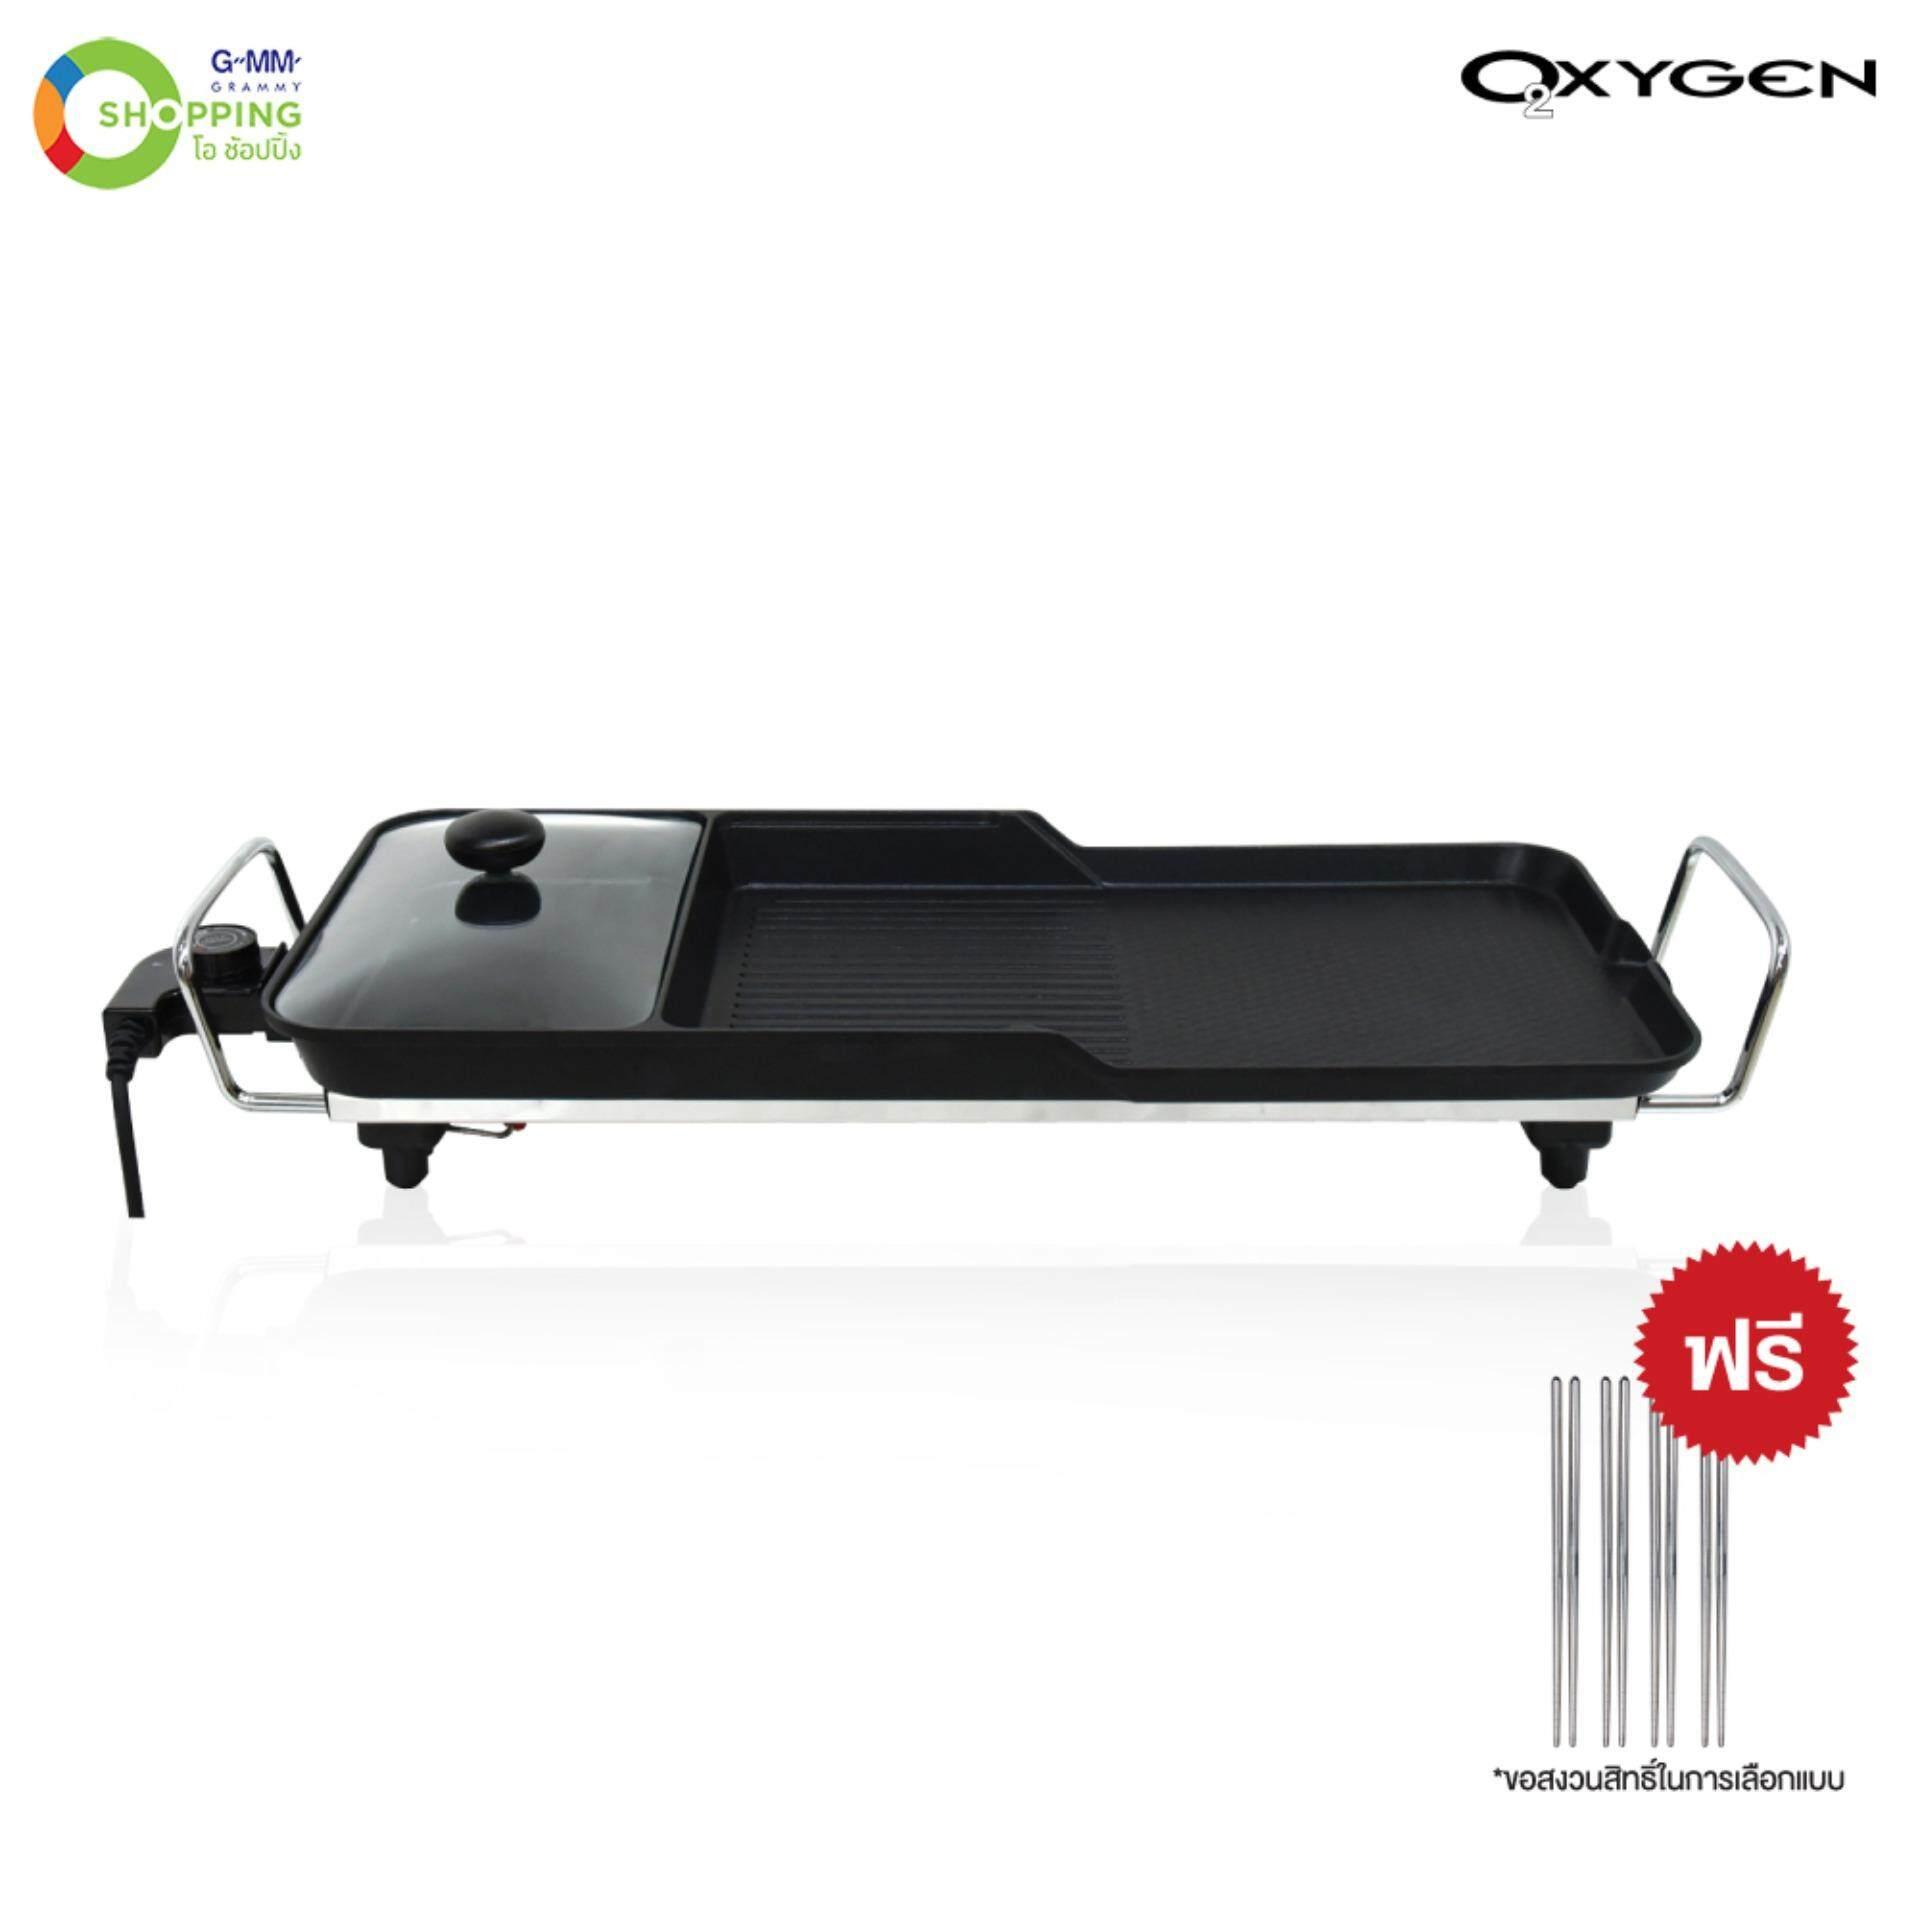 Oxygen wide grill เตาปิ้งย่าง # 114901